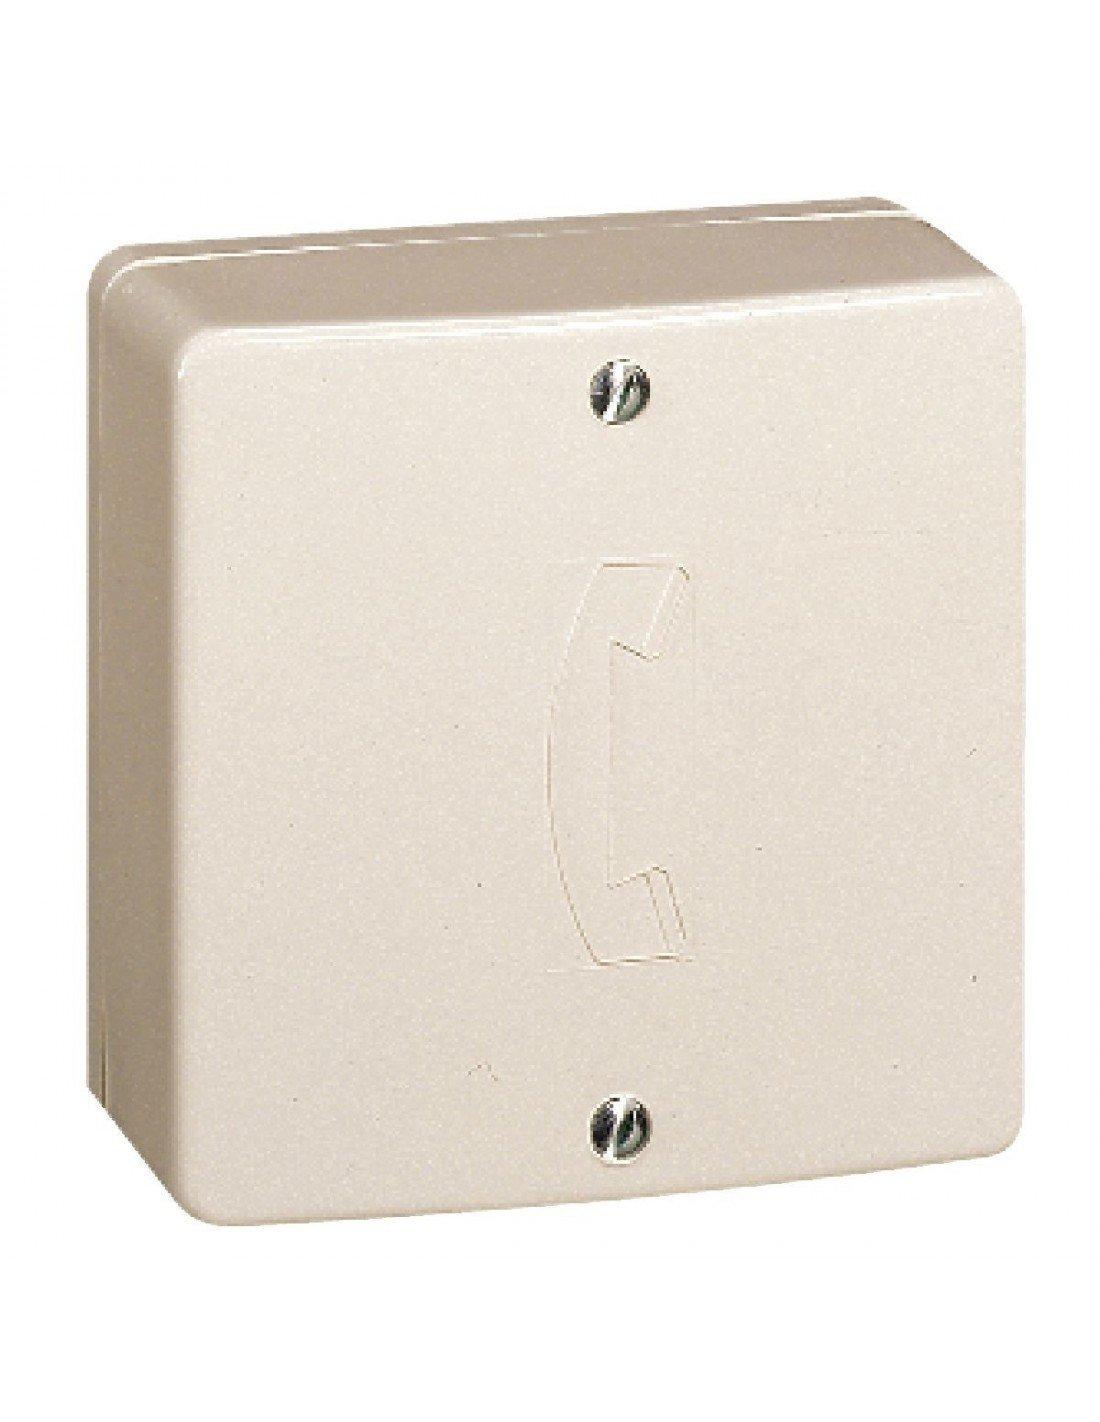 Legrand LEG91090 - Caja repartidora (para conectar hasta 10 tomas telefó nicas en 1 lí nea)